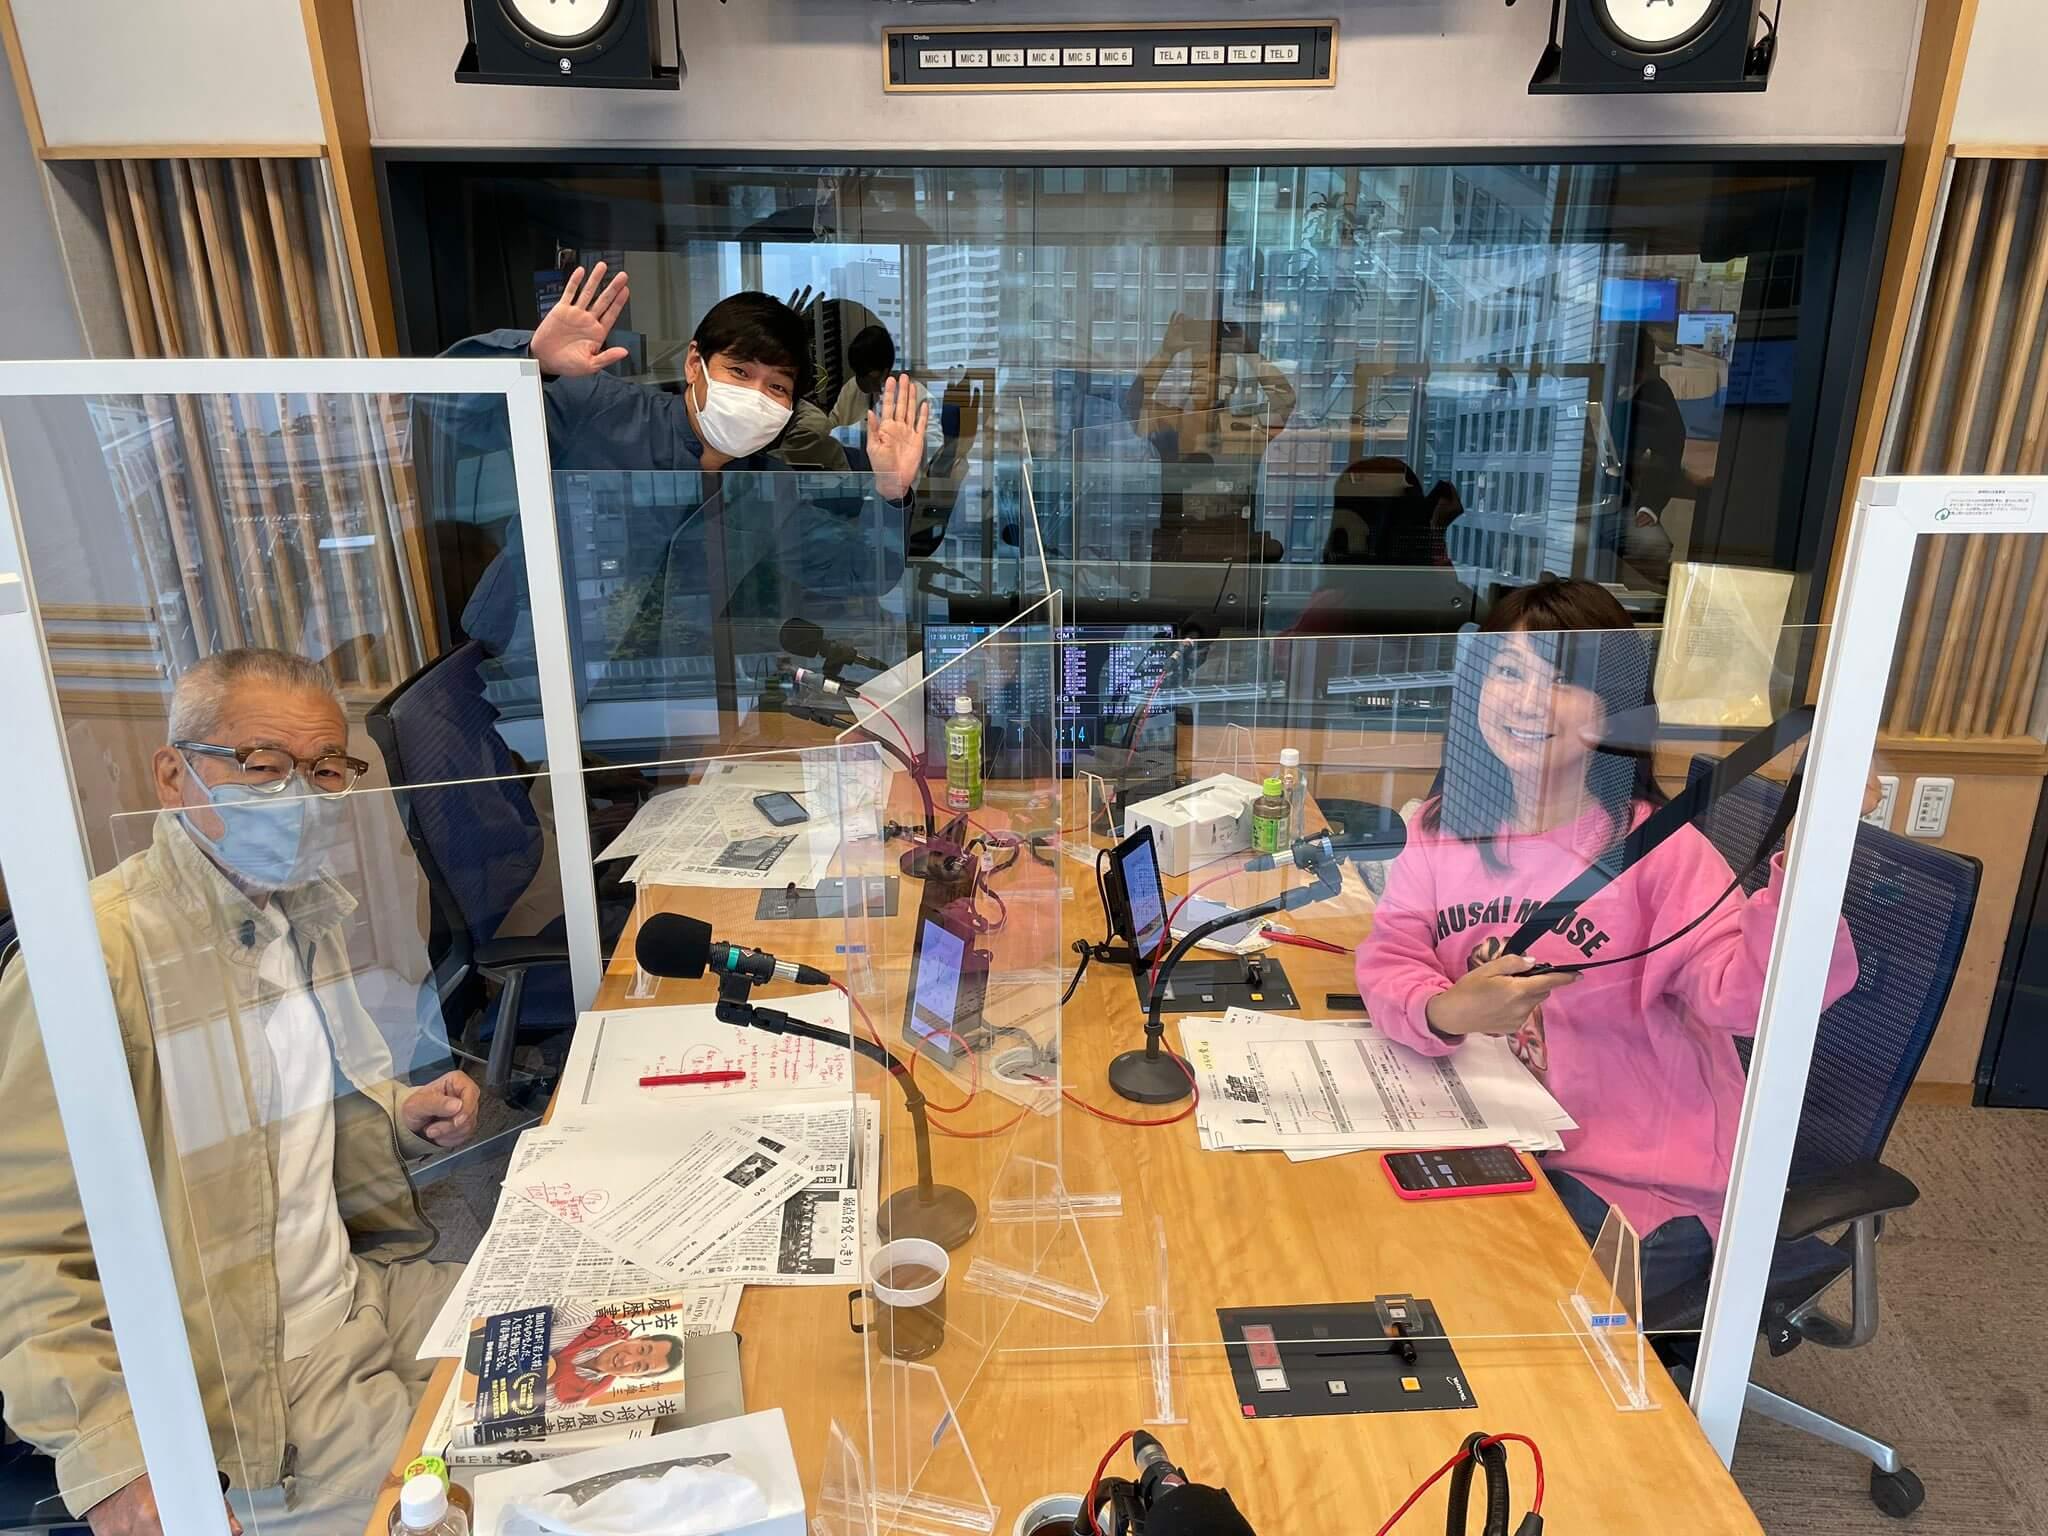 加山雄三「ジョンレノンが正座でテーブルに顎を乗せながらすきやきを食べていた」。ビートルズや黒澤明監督との思い出を語る〜10月19日「大竹まこと ゴールデンラジオ」